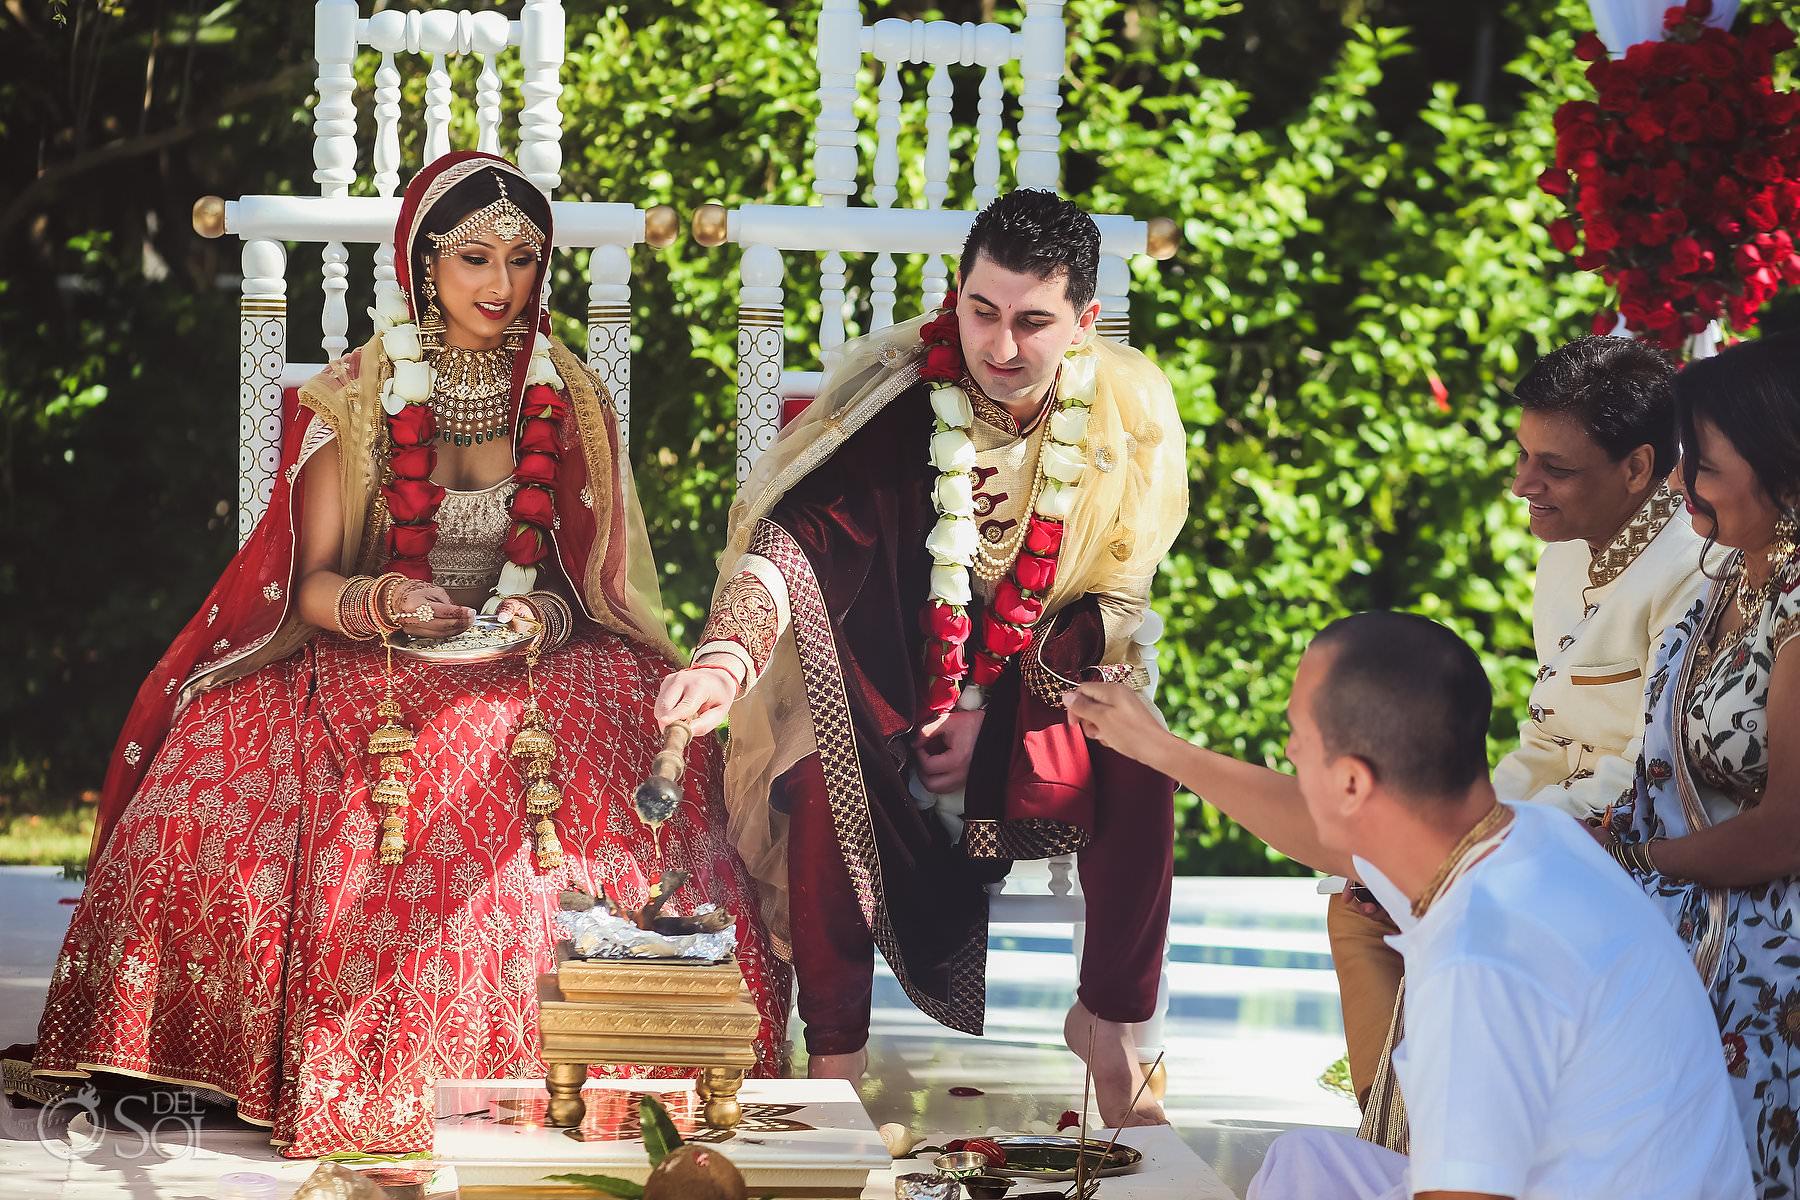 Mexico South Asian Wedding cultural ceremony Dreams Tulum Riviera Maya